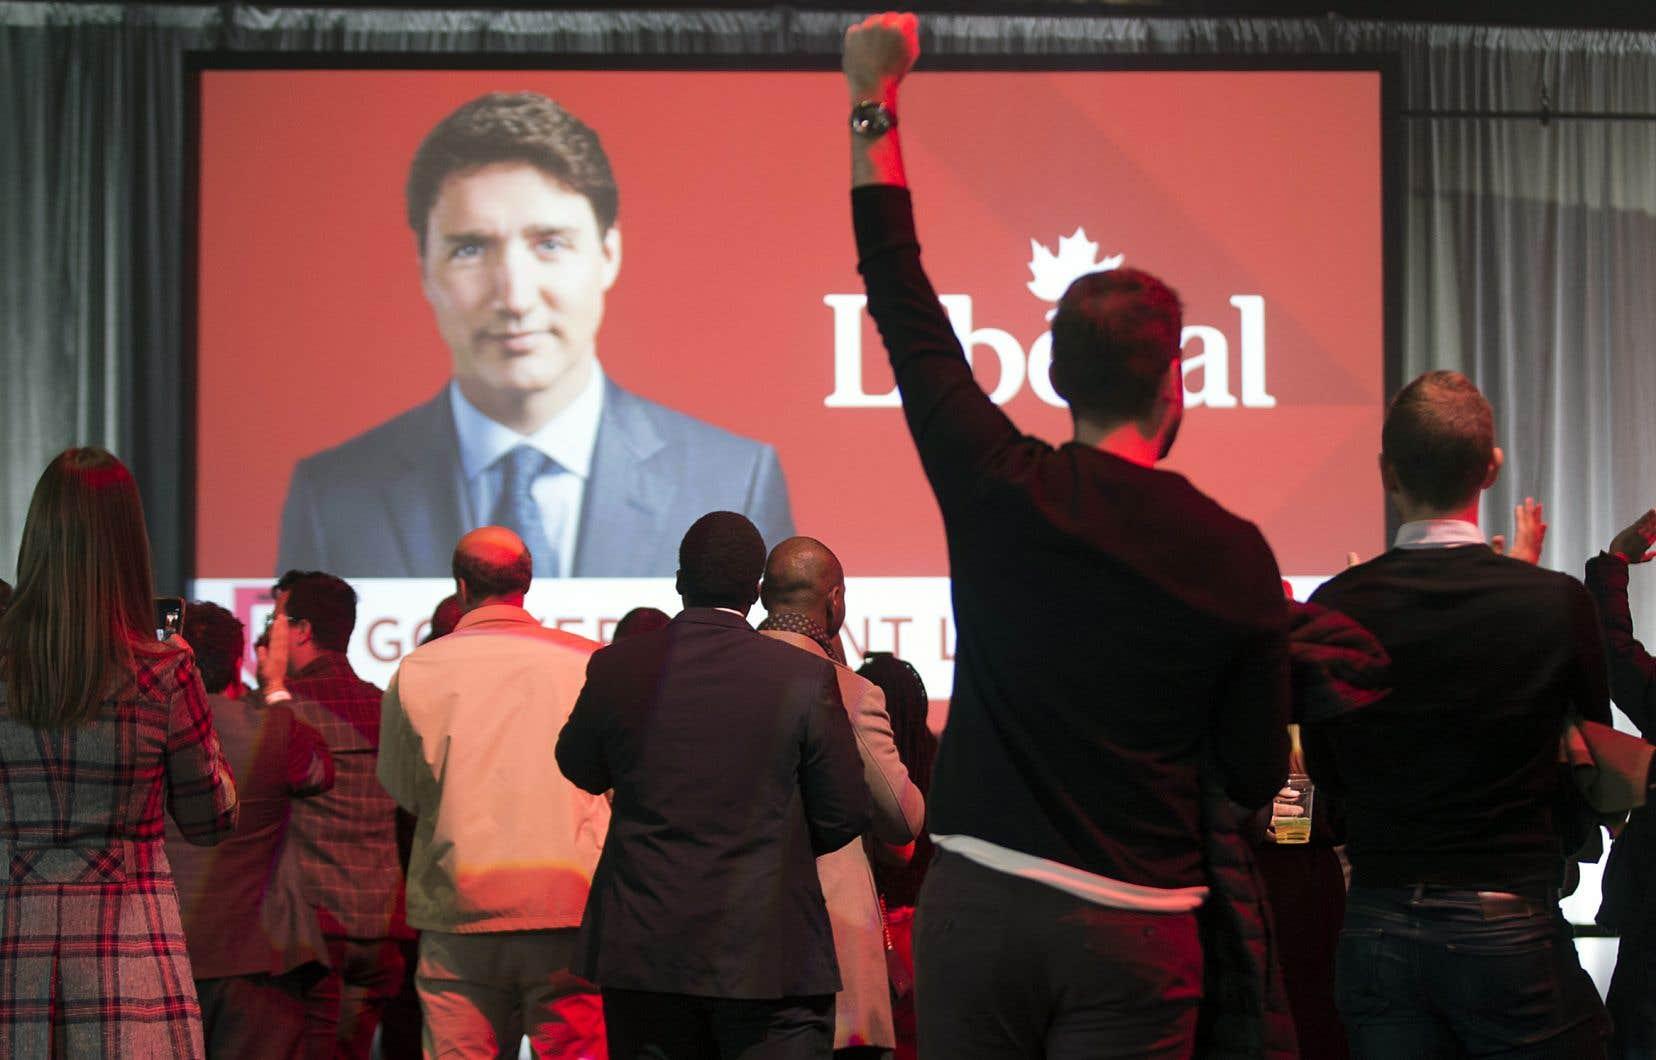 Des partisans libéraux réunis à Montréal se sont réjouis de constater que leur chef Justin Trudeau allait conserver le pouvoir.